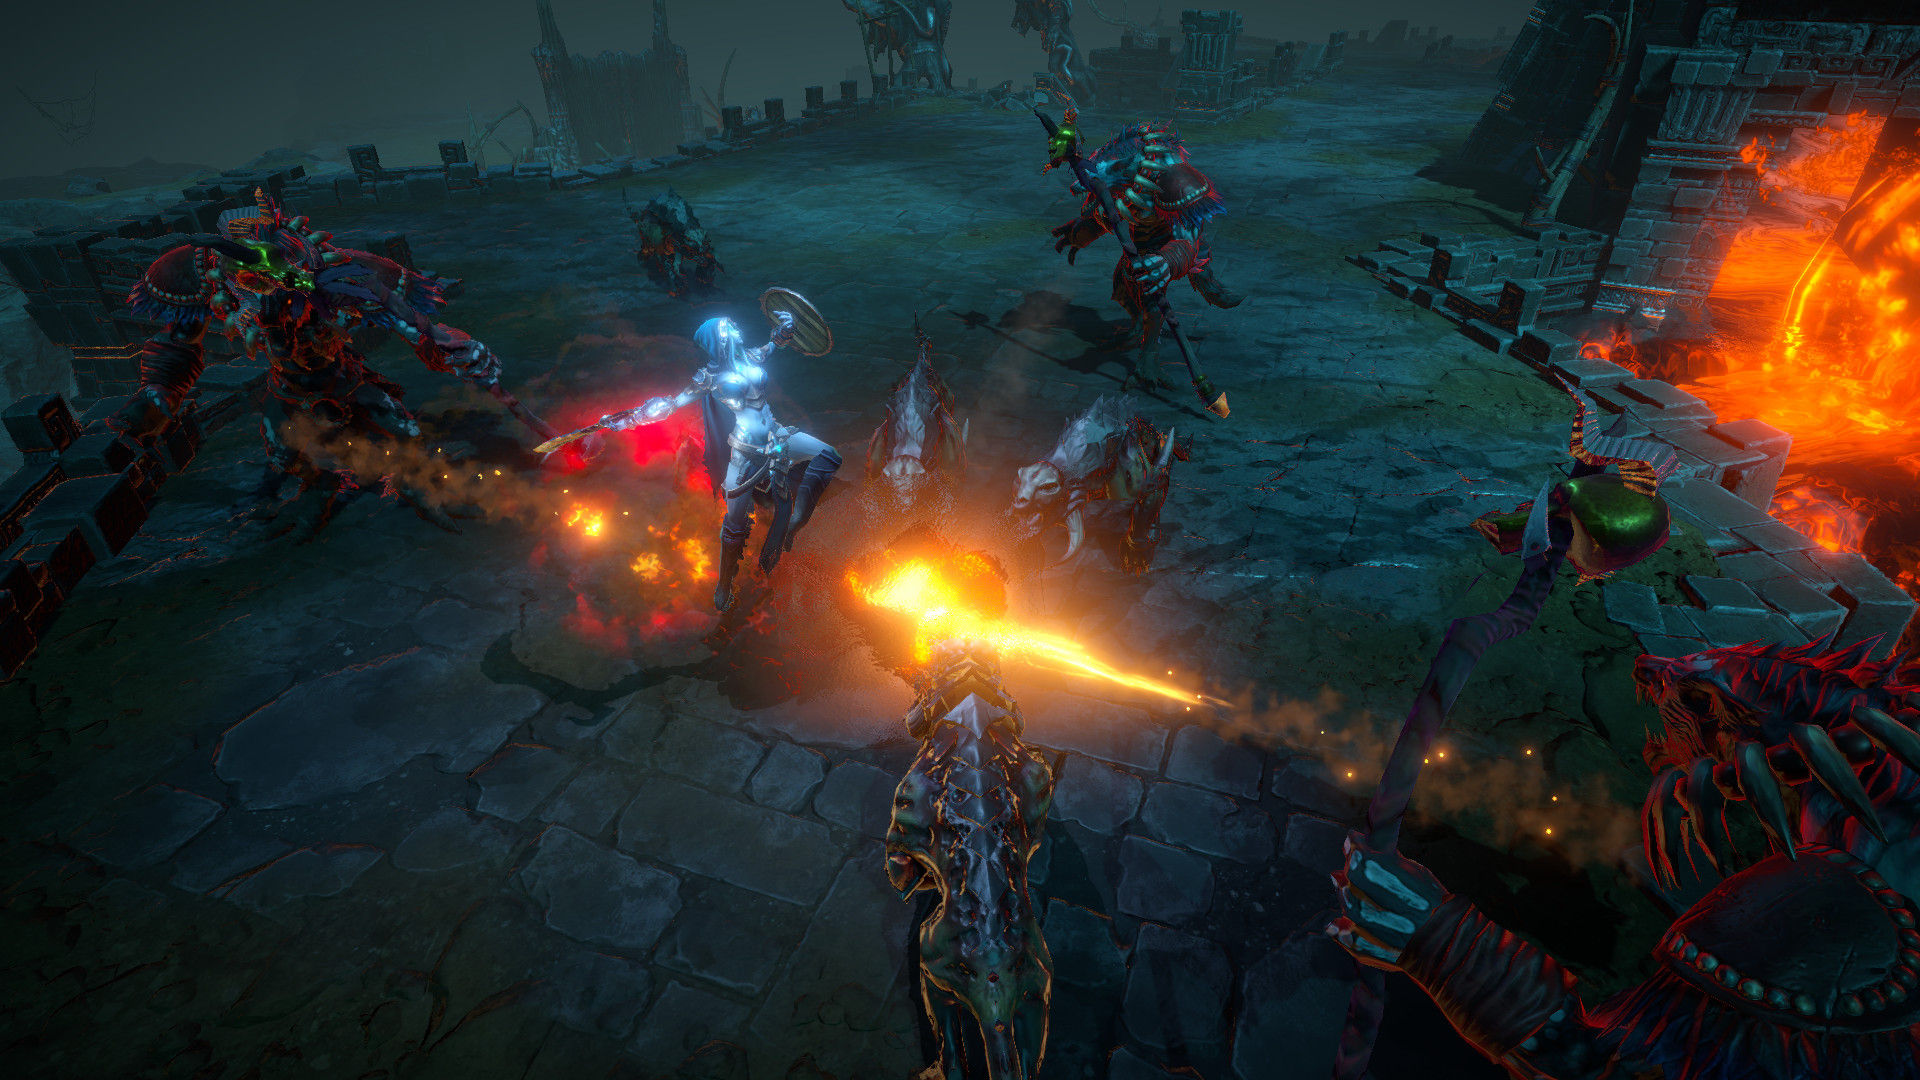 动作RPG 《暗影:觉醒》 PS4版支持繁体中文 PC版配置公布